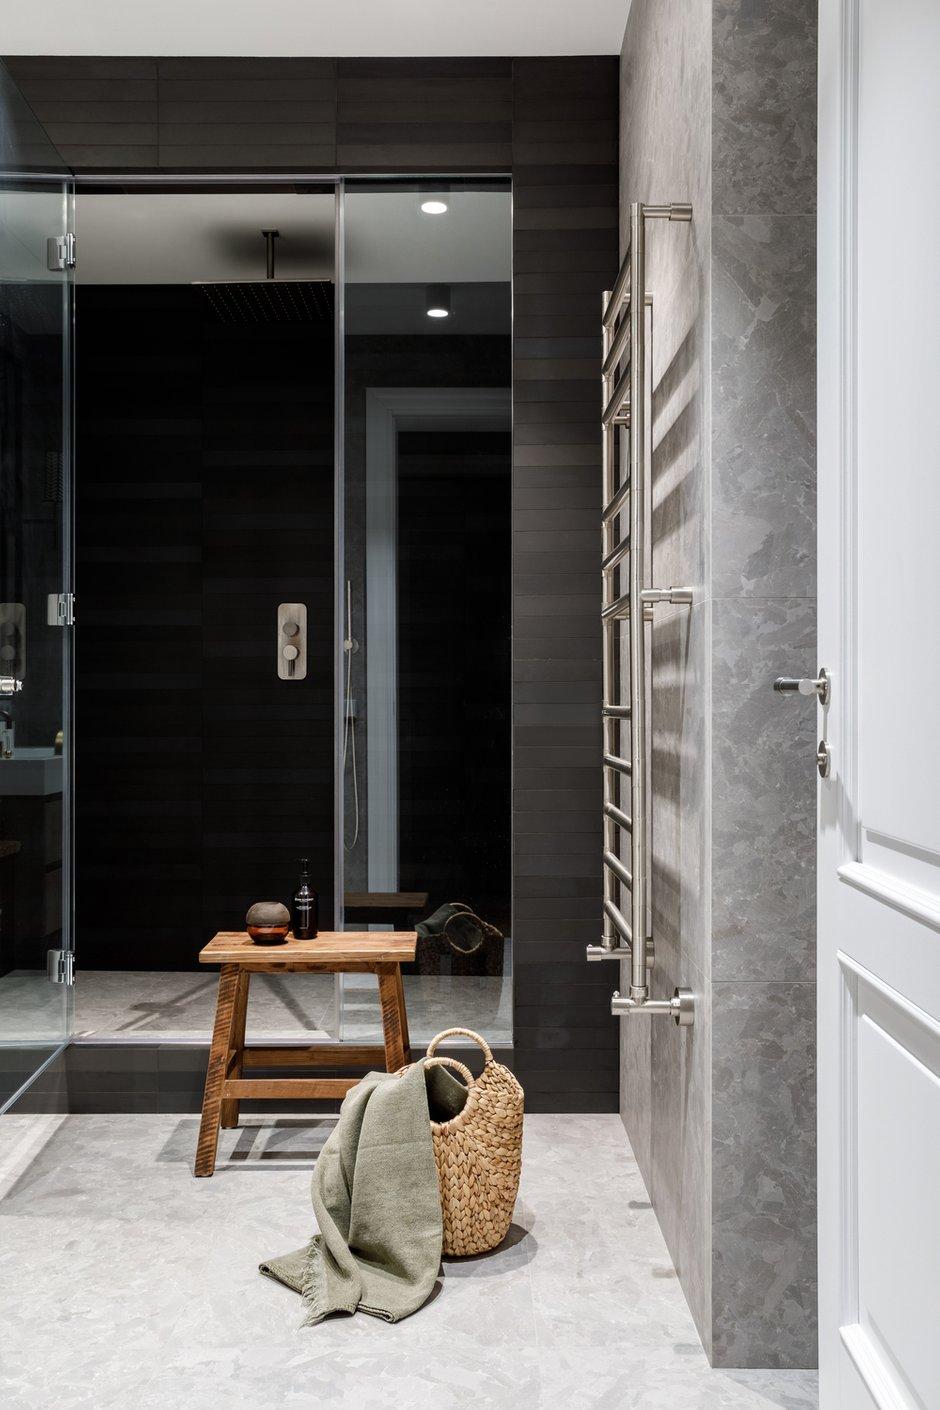 Фотография: Ванная в стиле Современный, Квартира, Проект недели, Москва, Айя Лисова, 4 и больше, Более 90 метров, Aiya Design – фото на INMYROOM